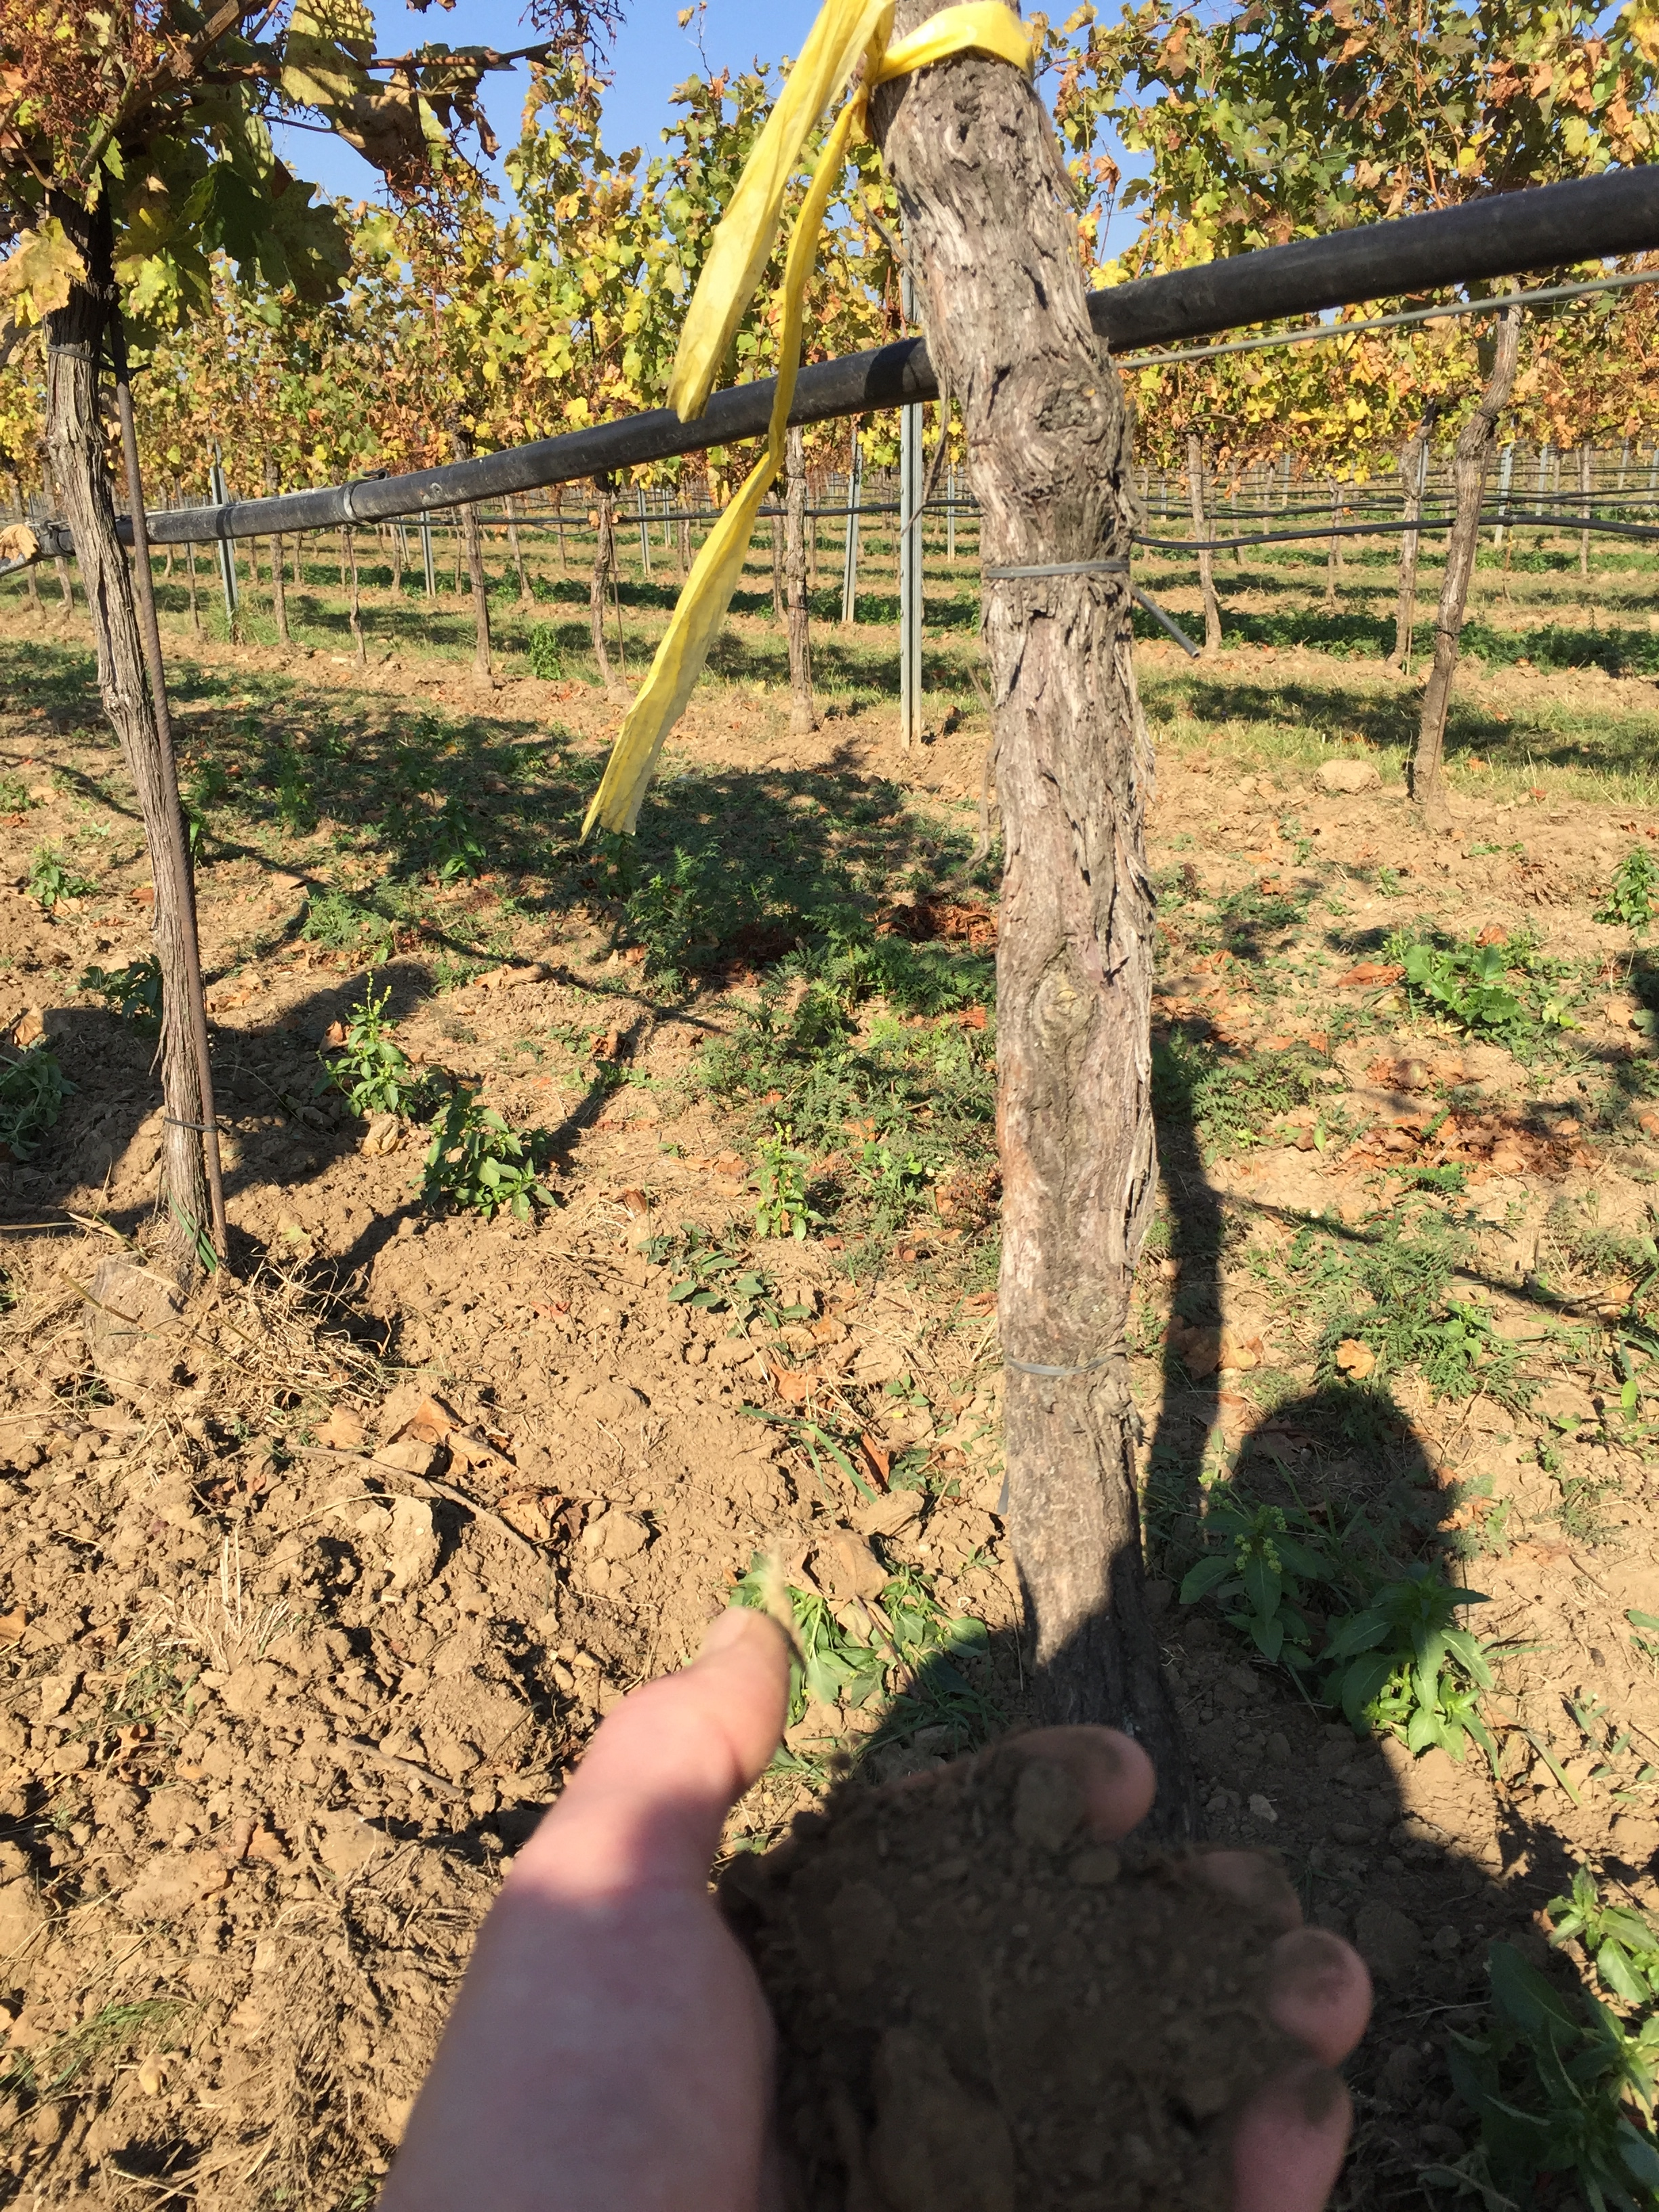 Weingut Mittelbach Rosshimmel soil